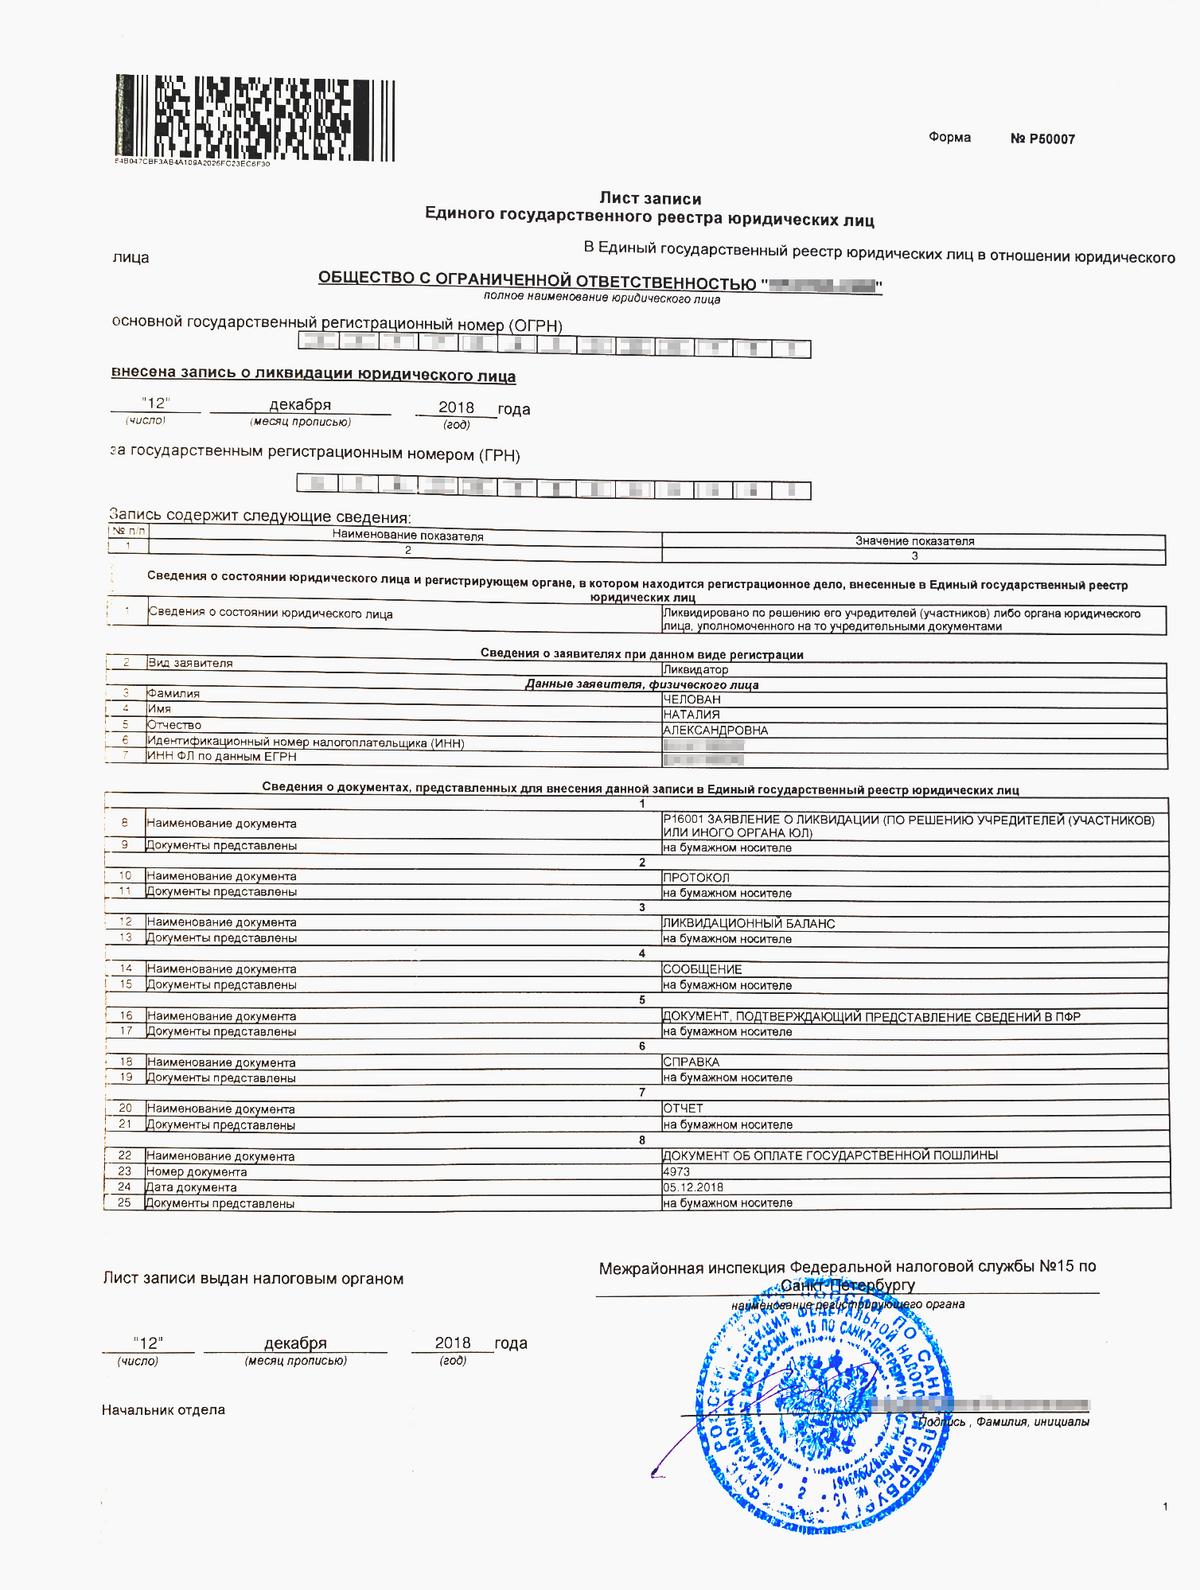 Лист записи из ЕГРЮЛ — внесена запись оликвидации юридического лица